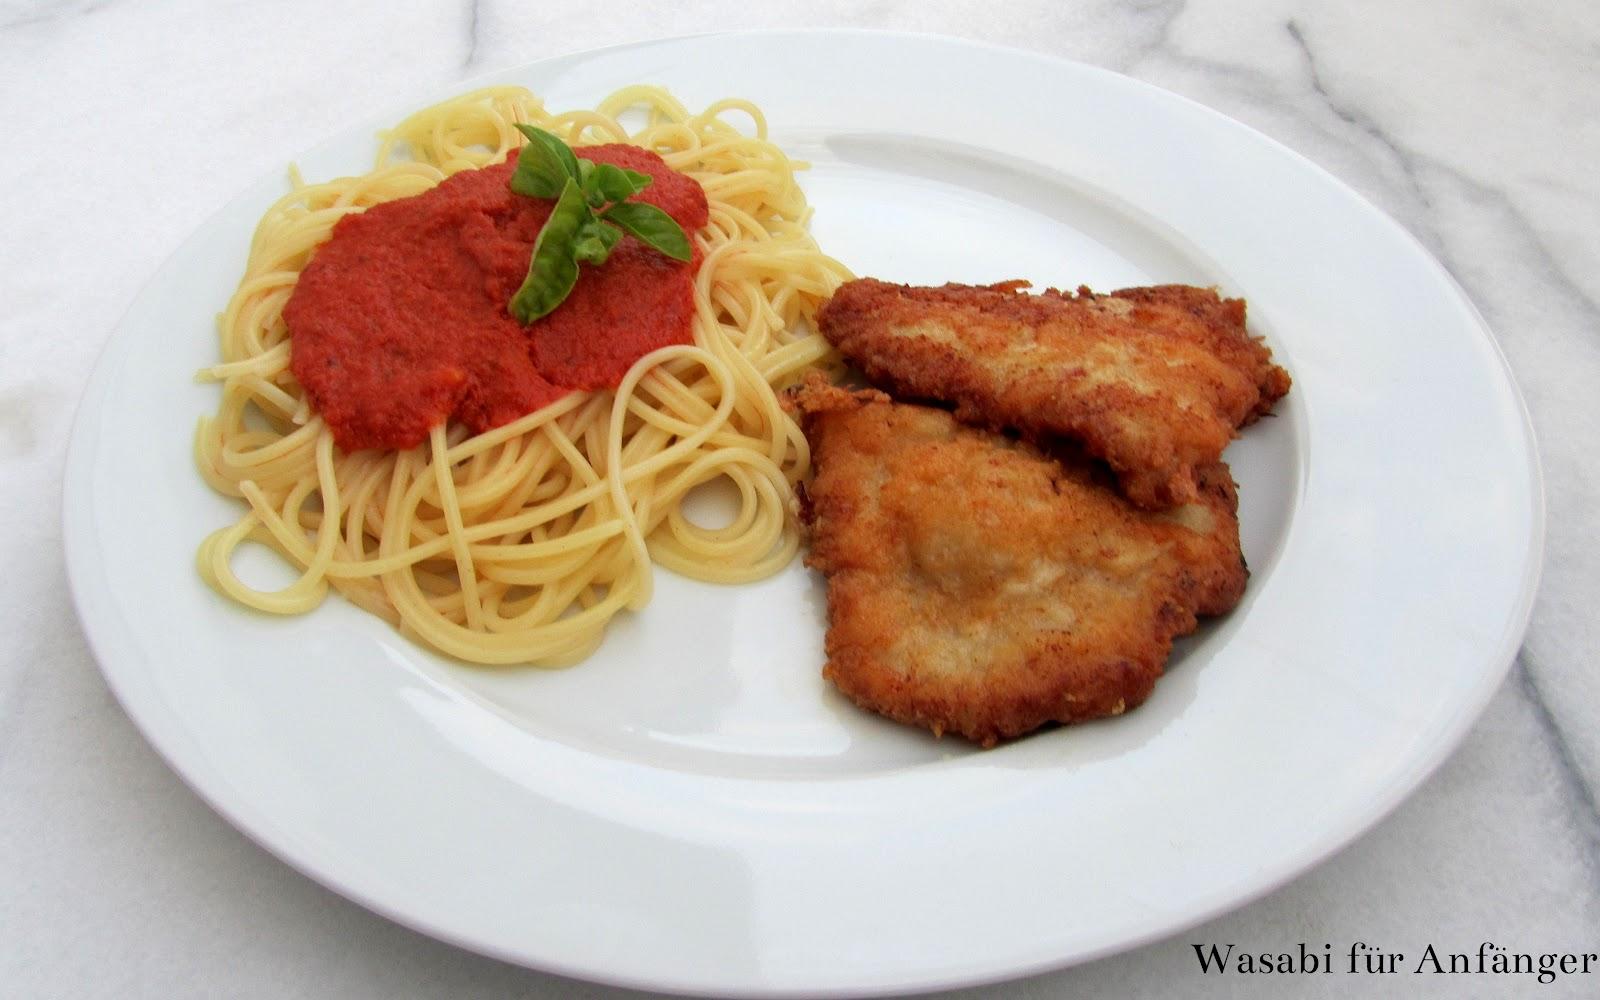 Wasabi für Anfänger: Piccata alla Milanese - Schnitzel vom Kalb nach ...